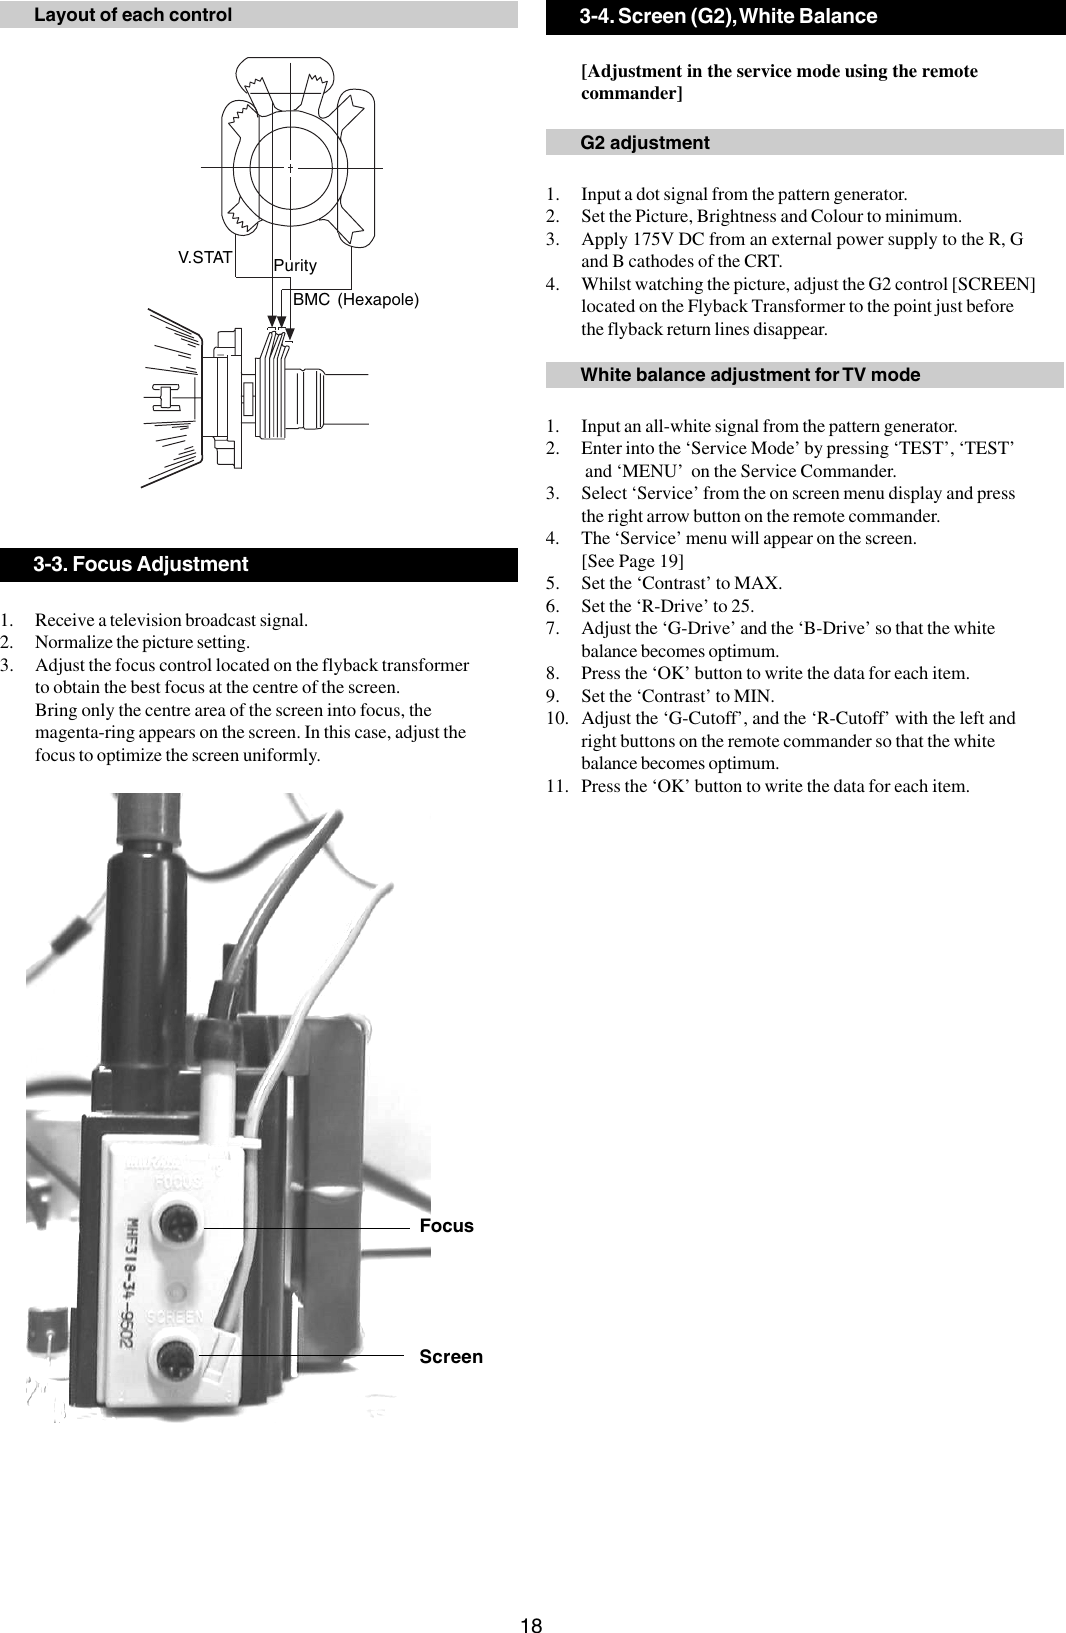 Sony Fd Trinitron Kv 21Fx30B Users Manual